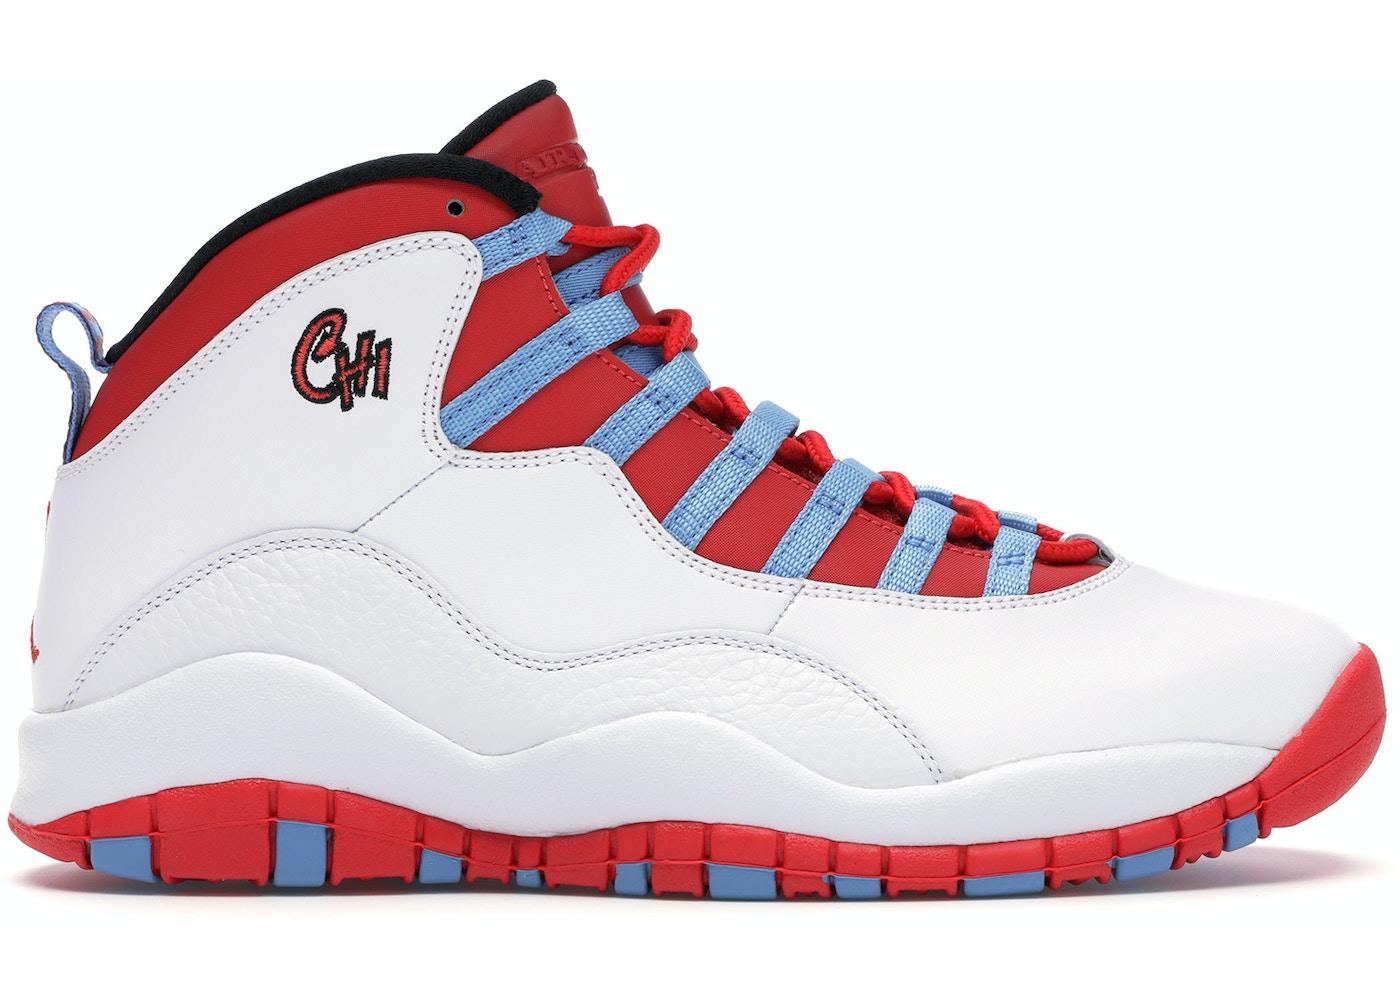 a59817981d87 Jordan 10 Retro Chicago Flag - 310805-114